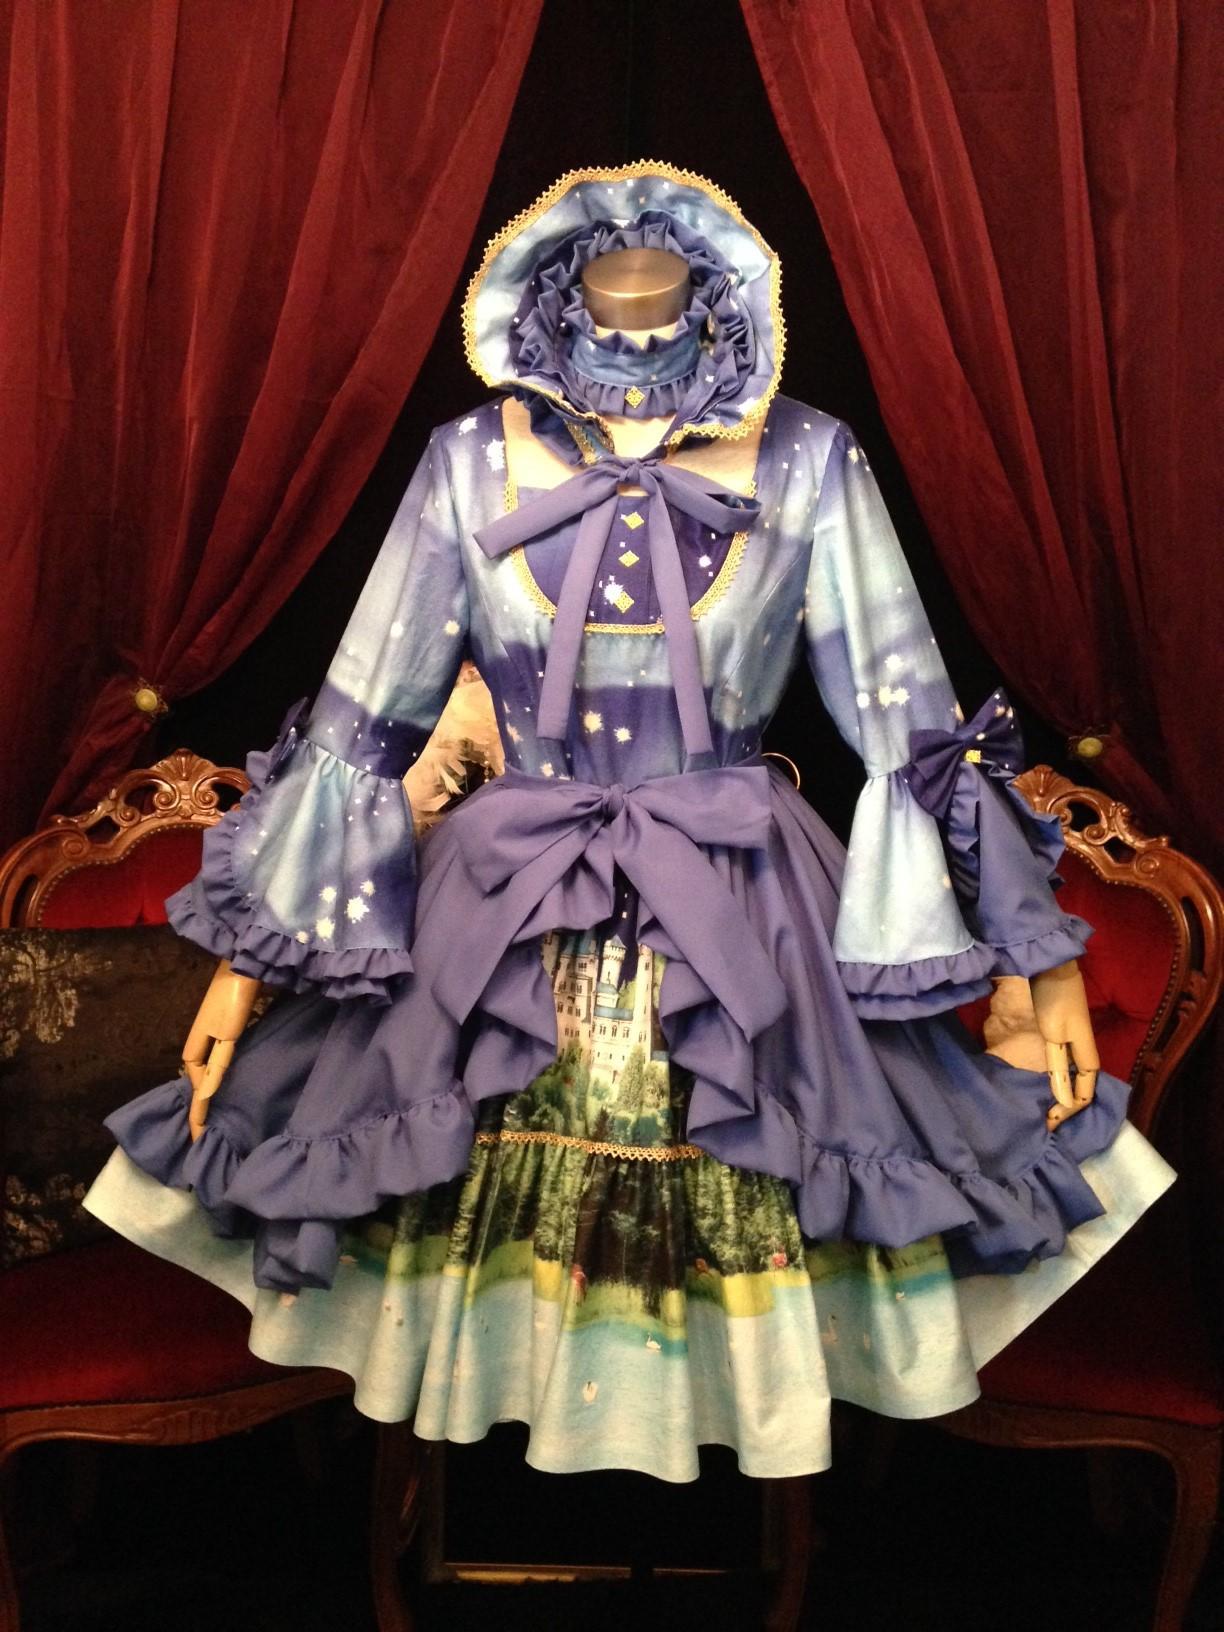 原宿ドールズ ゴスロリ生地でロリータ姫袖ドレス&ボンネット 完成!!ロリータ体験 コスプレ体験 ぽっちゃり